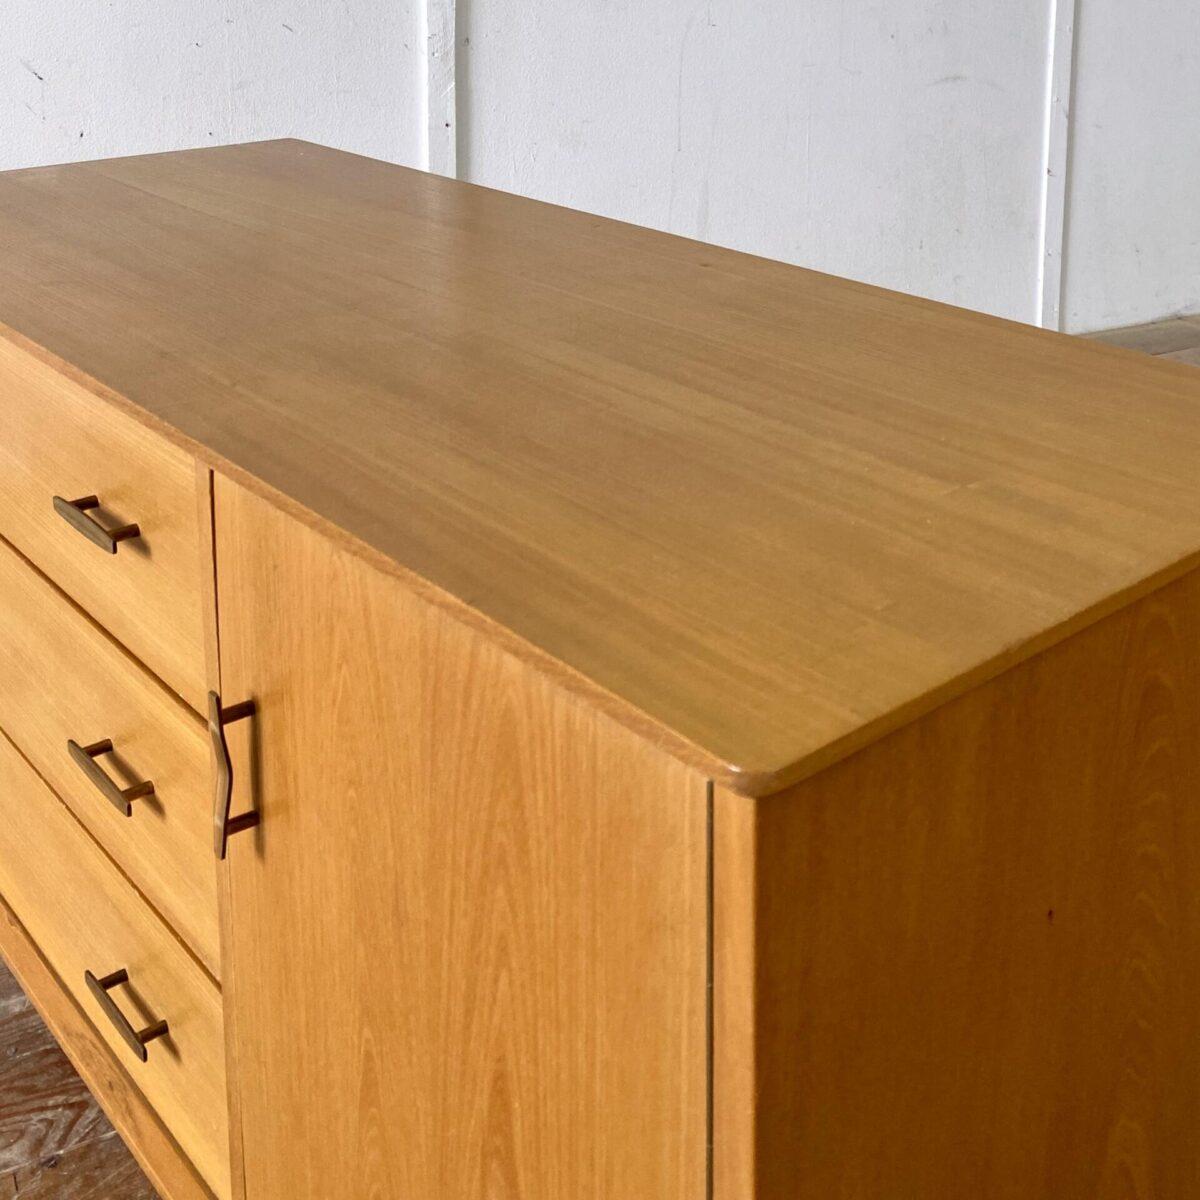 Deuxieme.shop 60er 70er Jahre Sideboard Swiss design. Eschenholz Sideboard mit Schubladen und Türe auf konischen Beinen. 115x45cm Höhe 64.5cm. Die Kommode ist gutem allgemein Zustand, kleinere hicke und Schrammen, einer der Messinggriffe ist etwas eingedrückt. Die Schubladen laufen gut und sind aus Vollholz, hinter der Türe befindet sich ein Tablar.